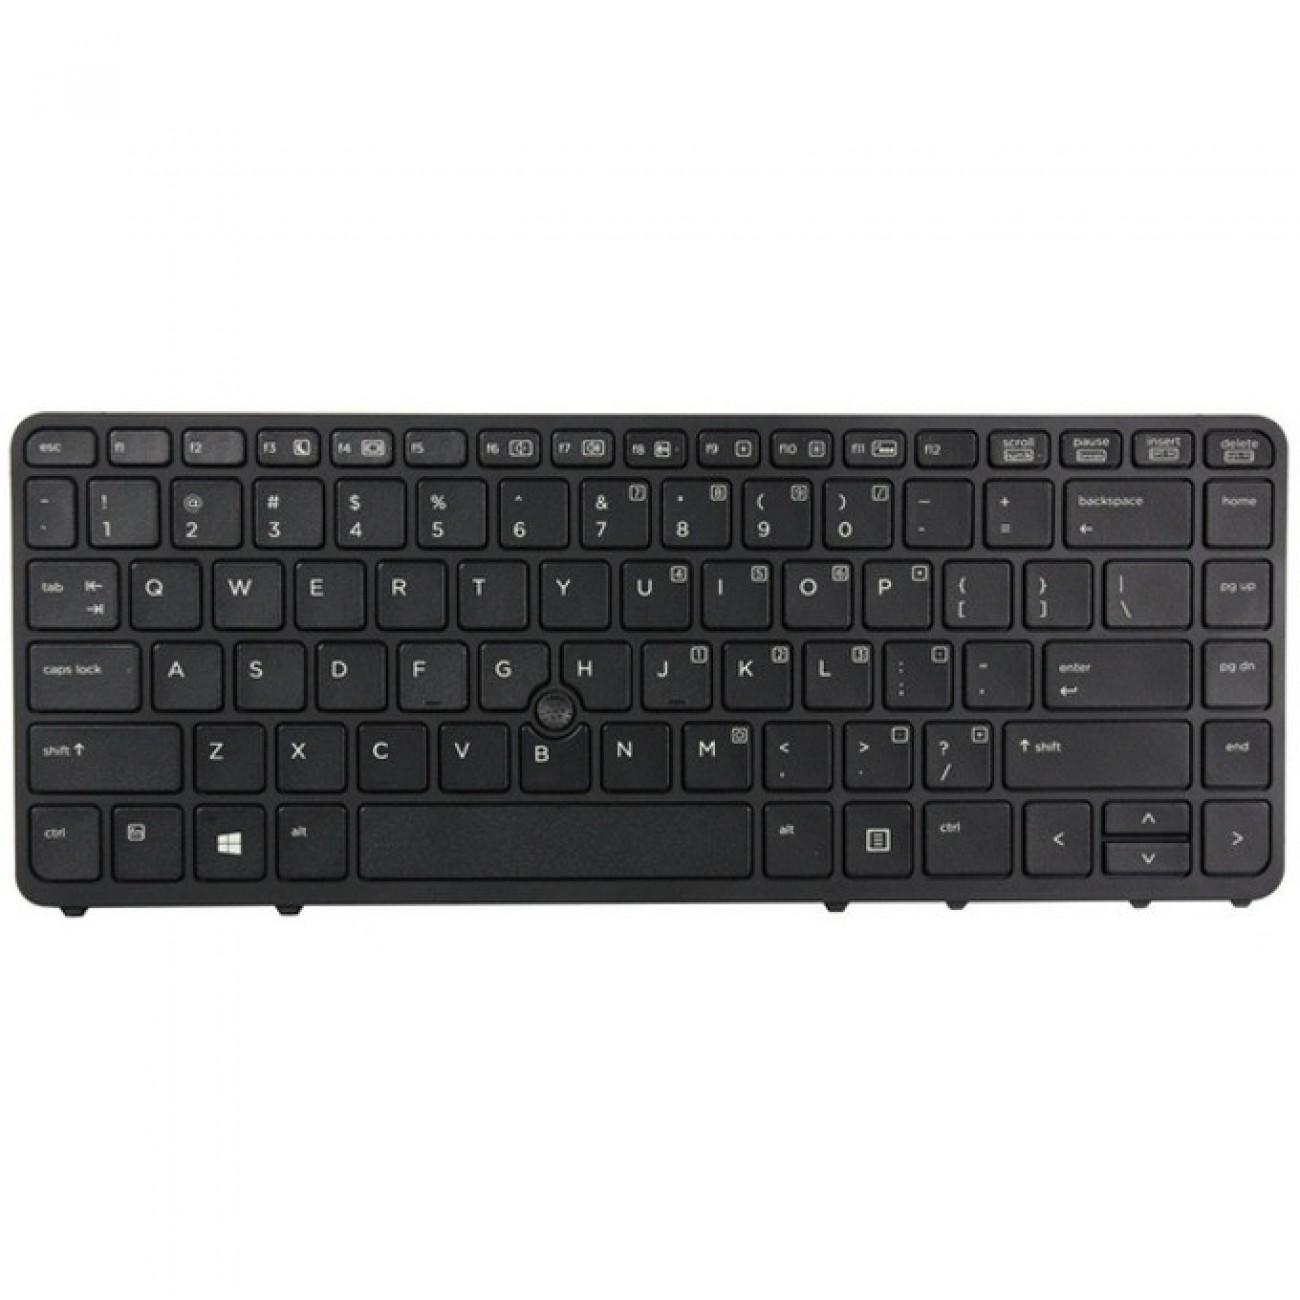 Клавиатура за HP EliteBook 840 G1 850 G1, US, кирилица(бели букви), черна в Резервни части -  | Alleop